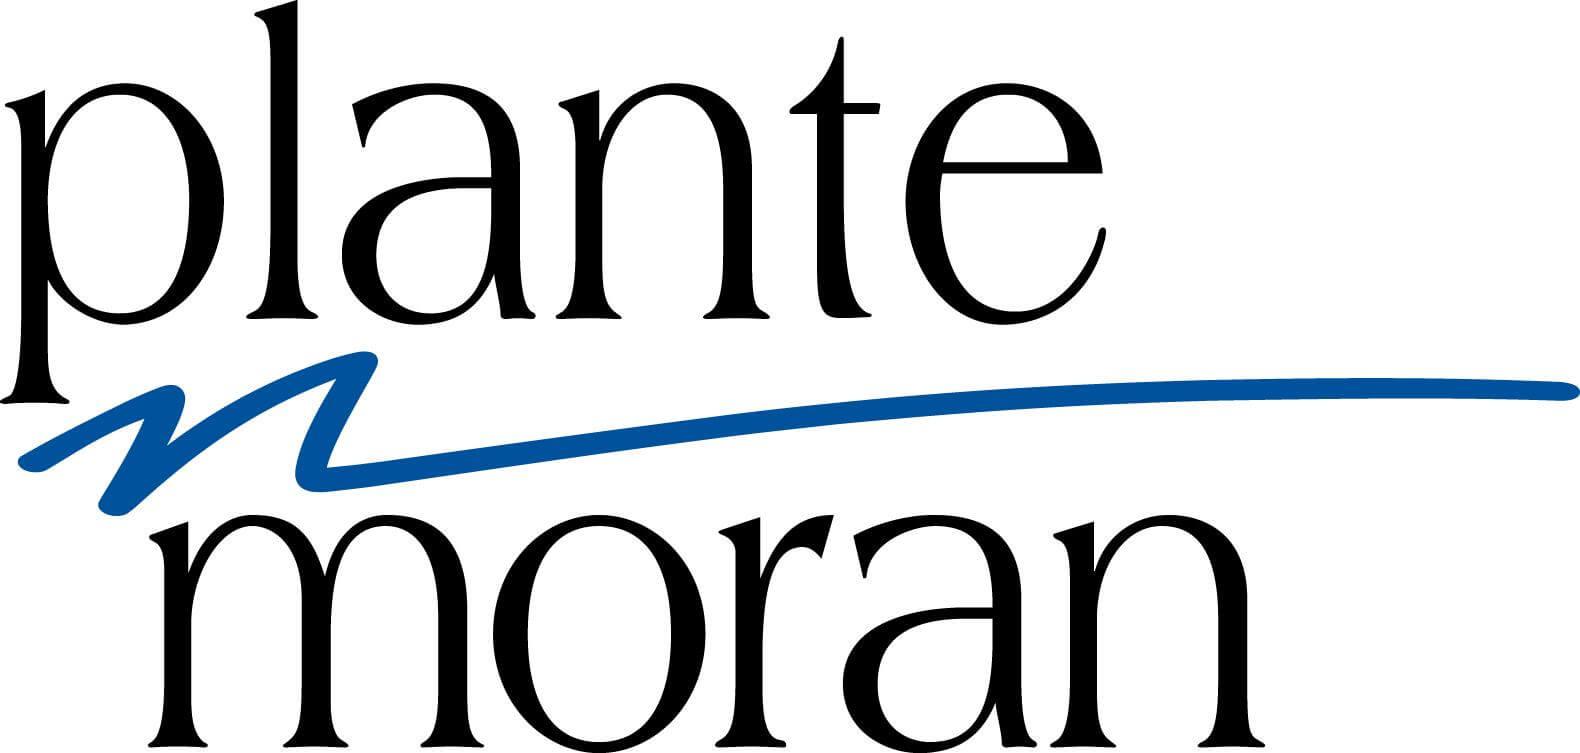 Plante-Moran-Logo.jpg